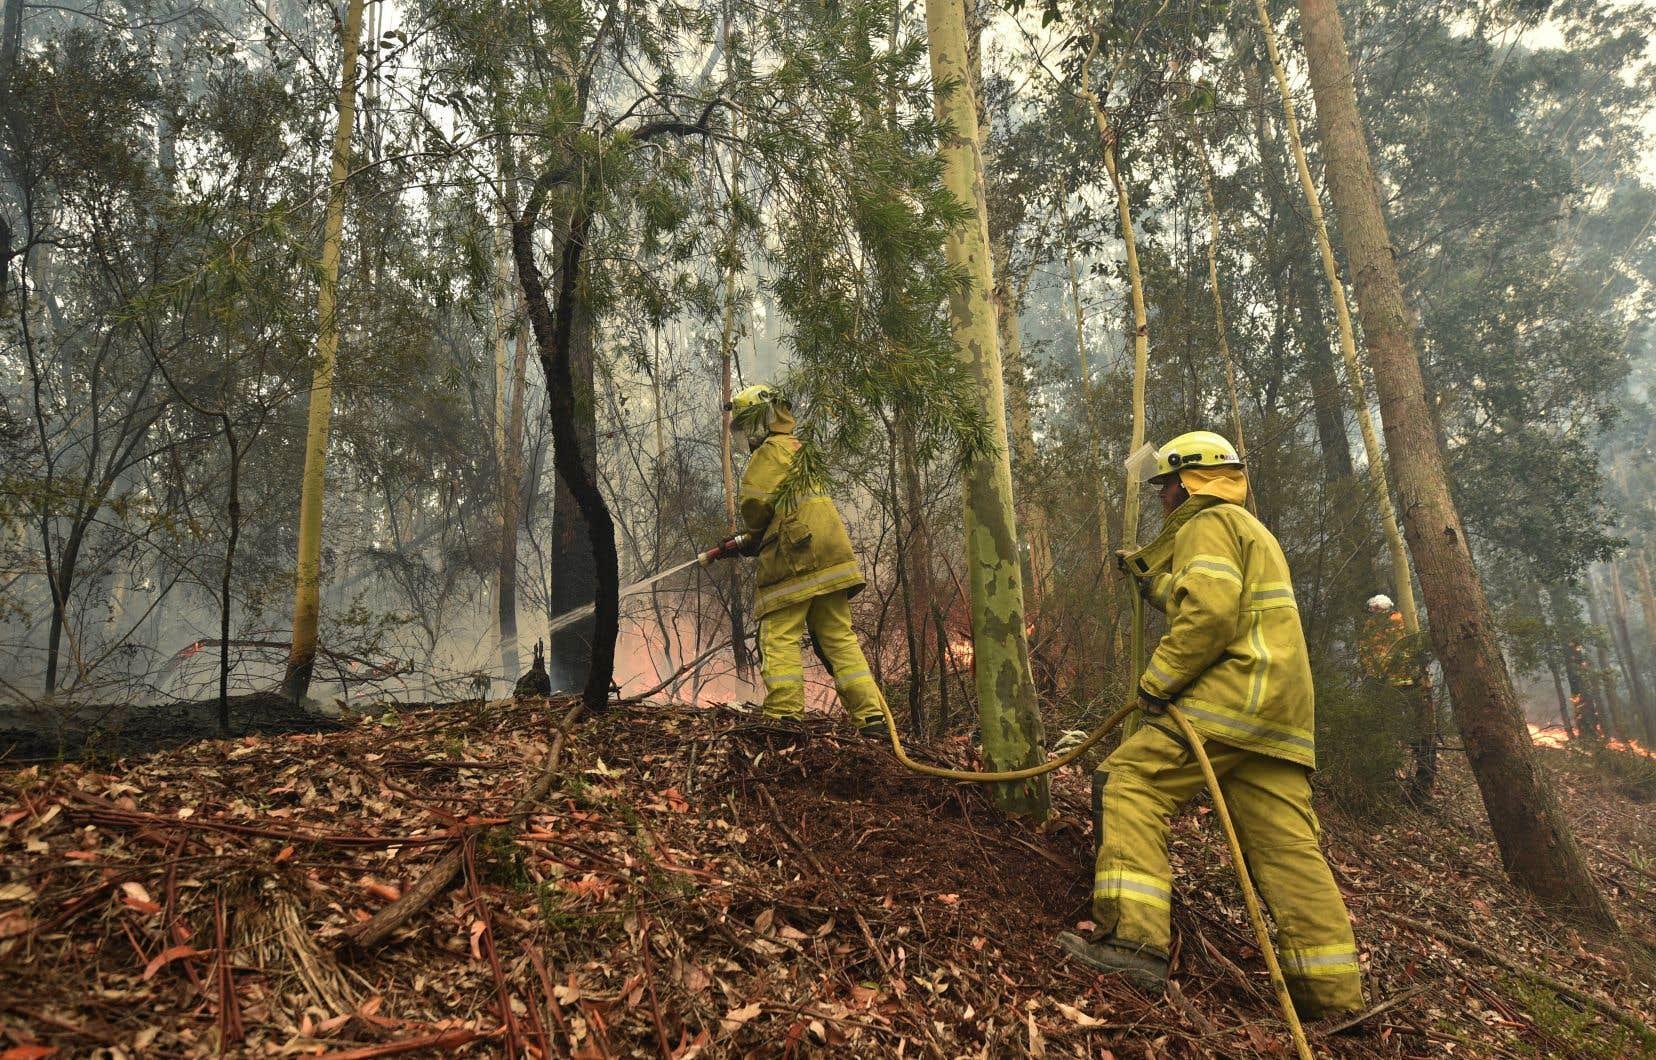 Près de 200 incendies continuent de brûler dimanche, souvent hors de contrôle, mais peu d'entre eux ont déclenché des avertissements d'urgence.